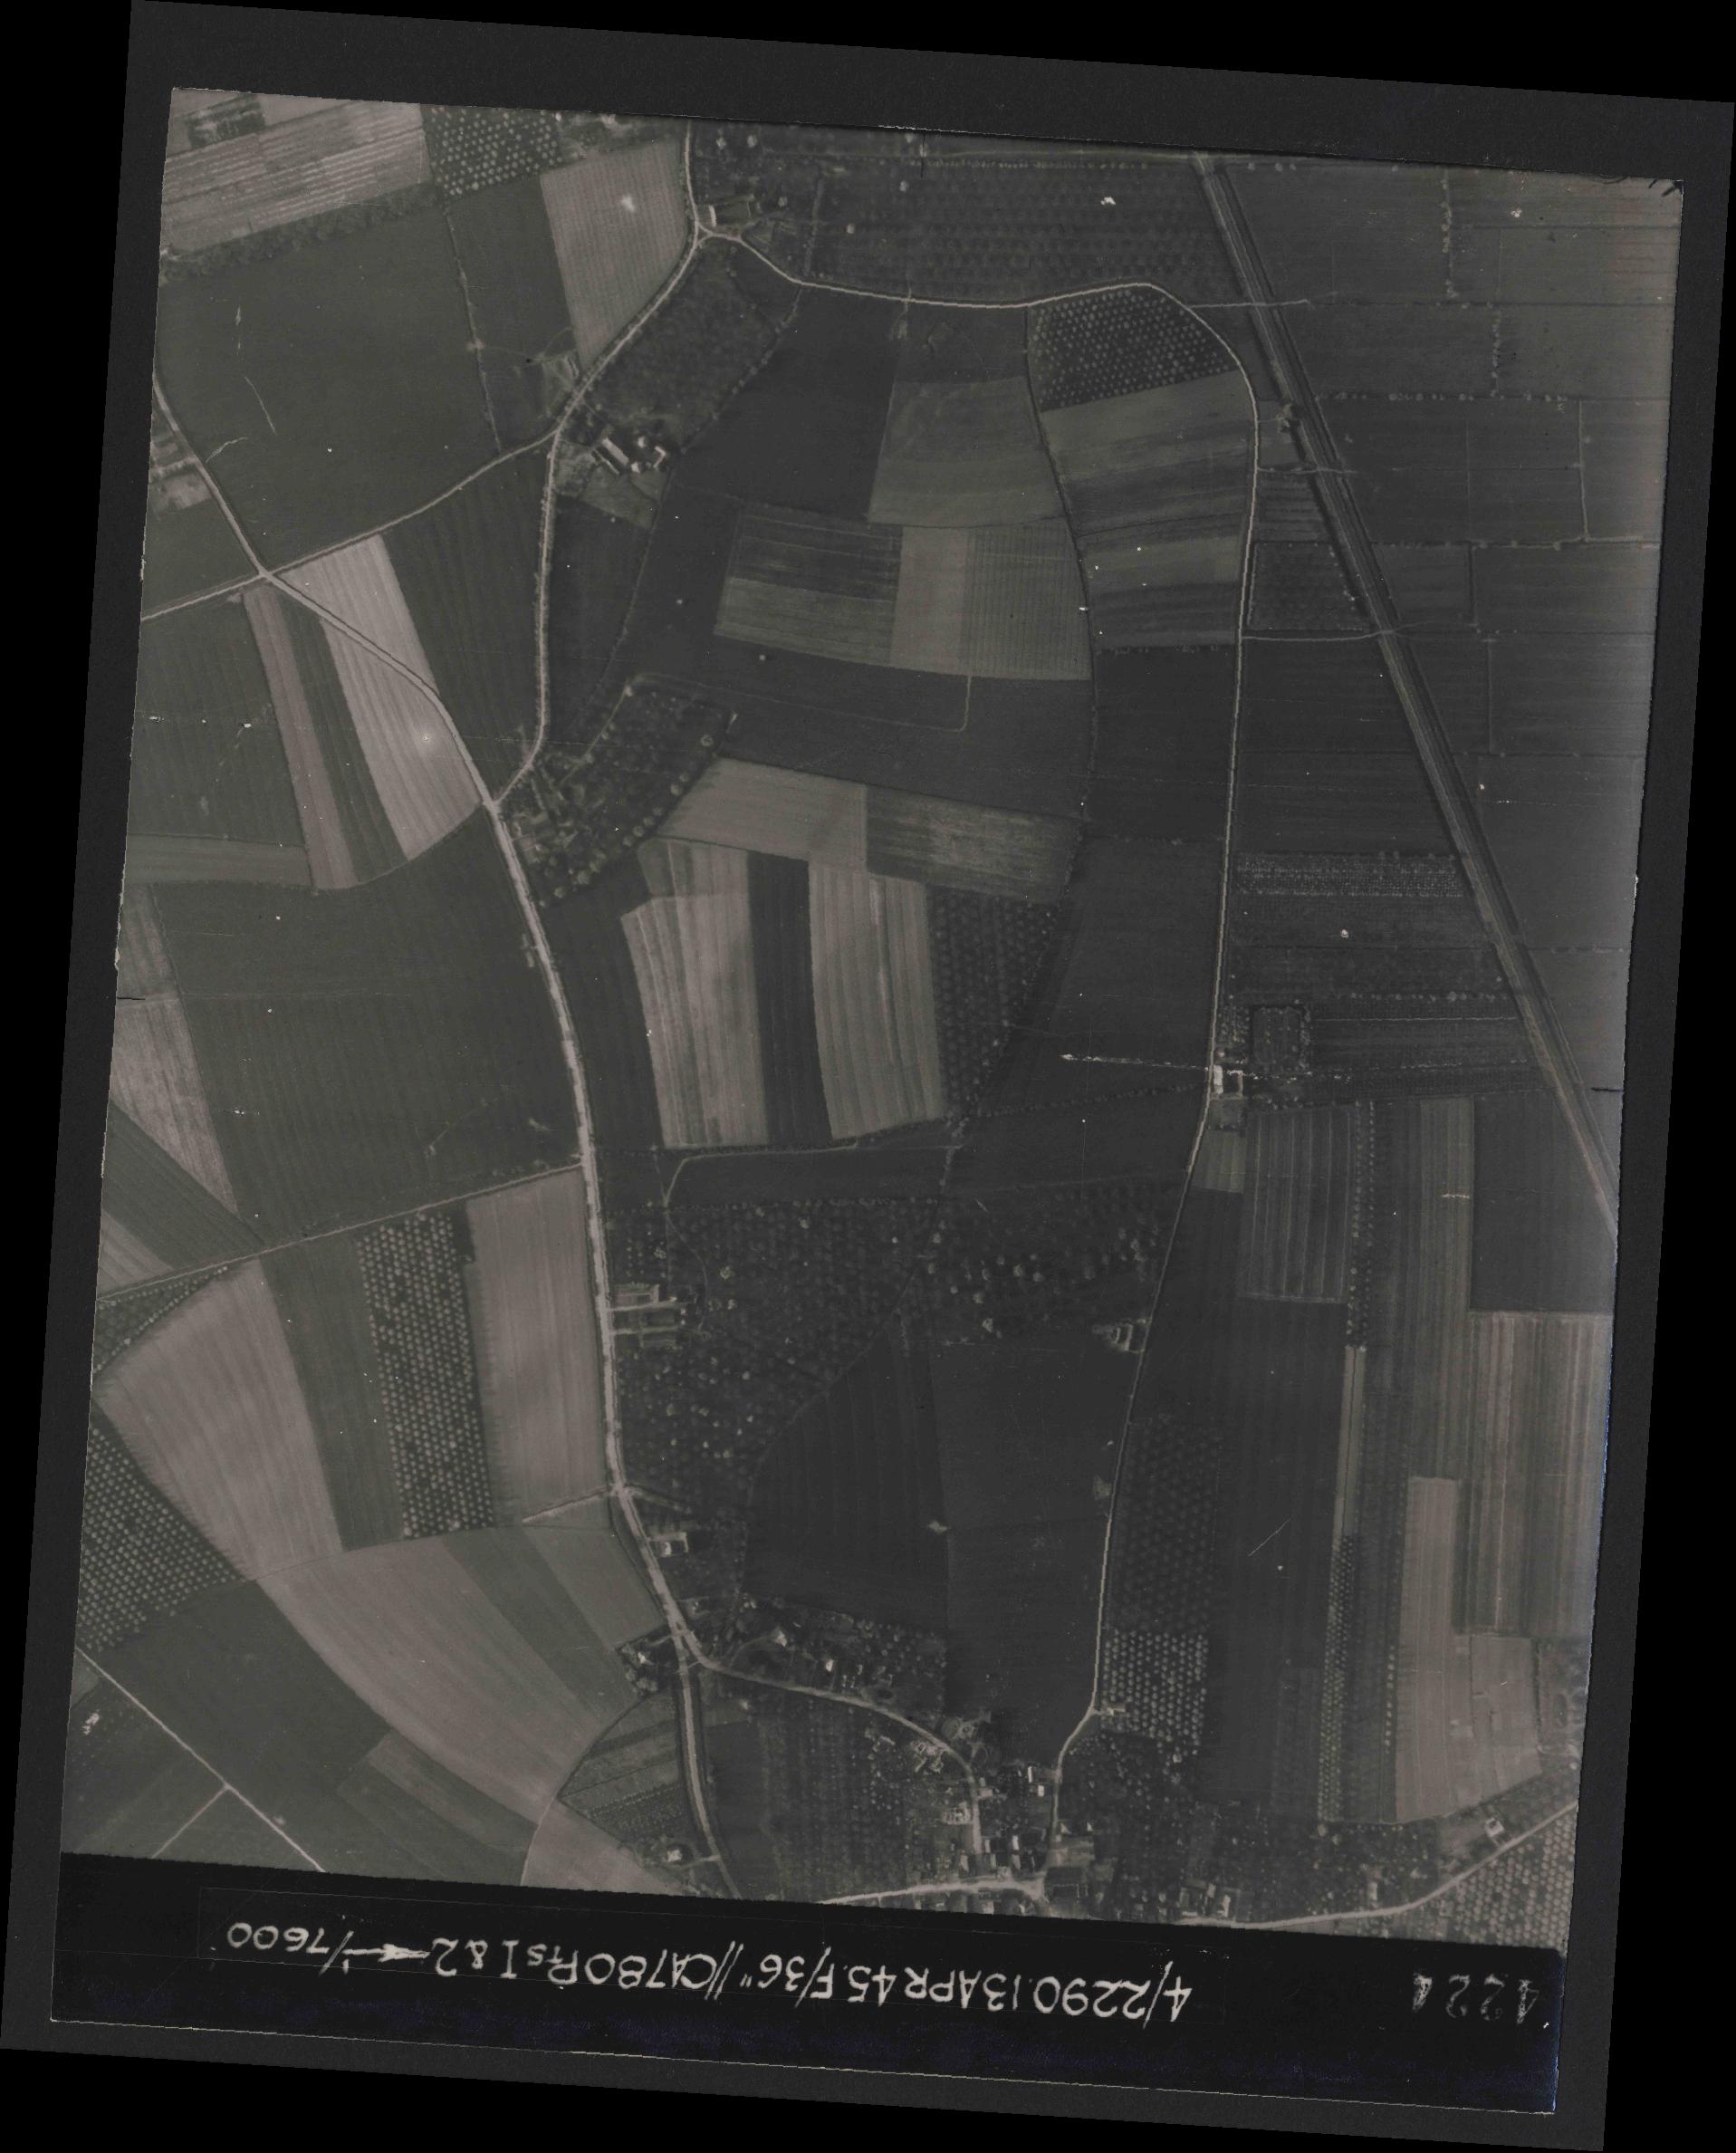 Collection RAF aerial photos 1940-1945 - flight 081, run 19, photo 4224